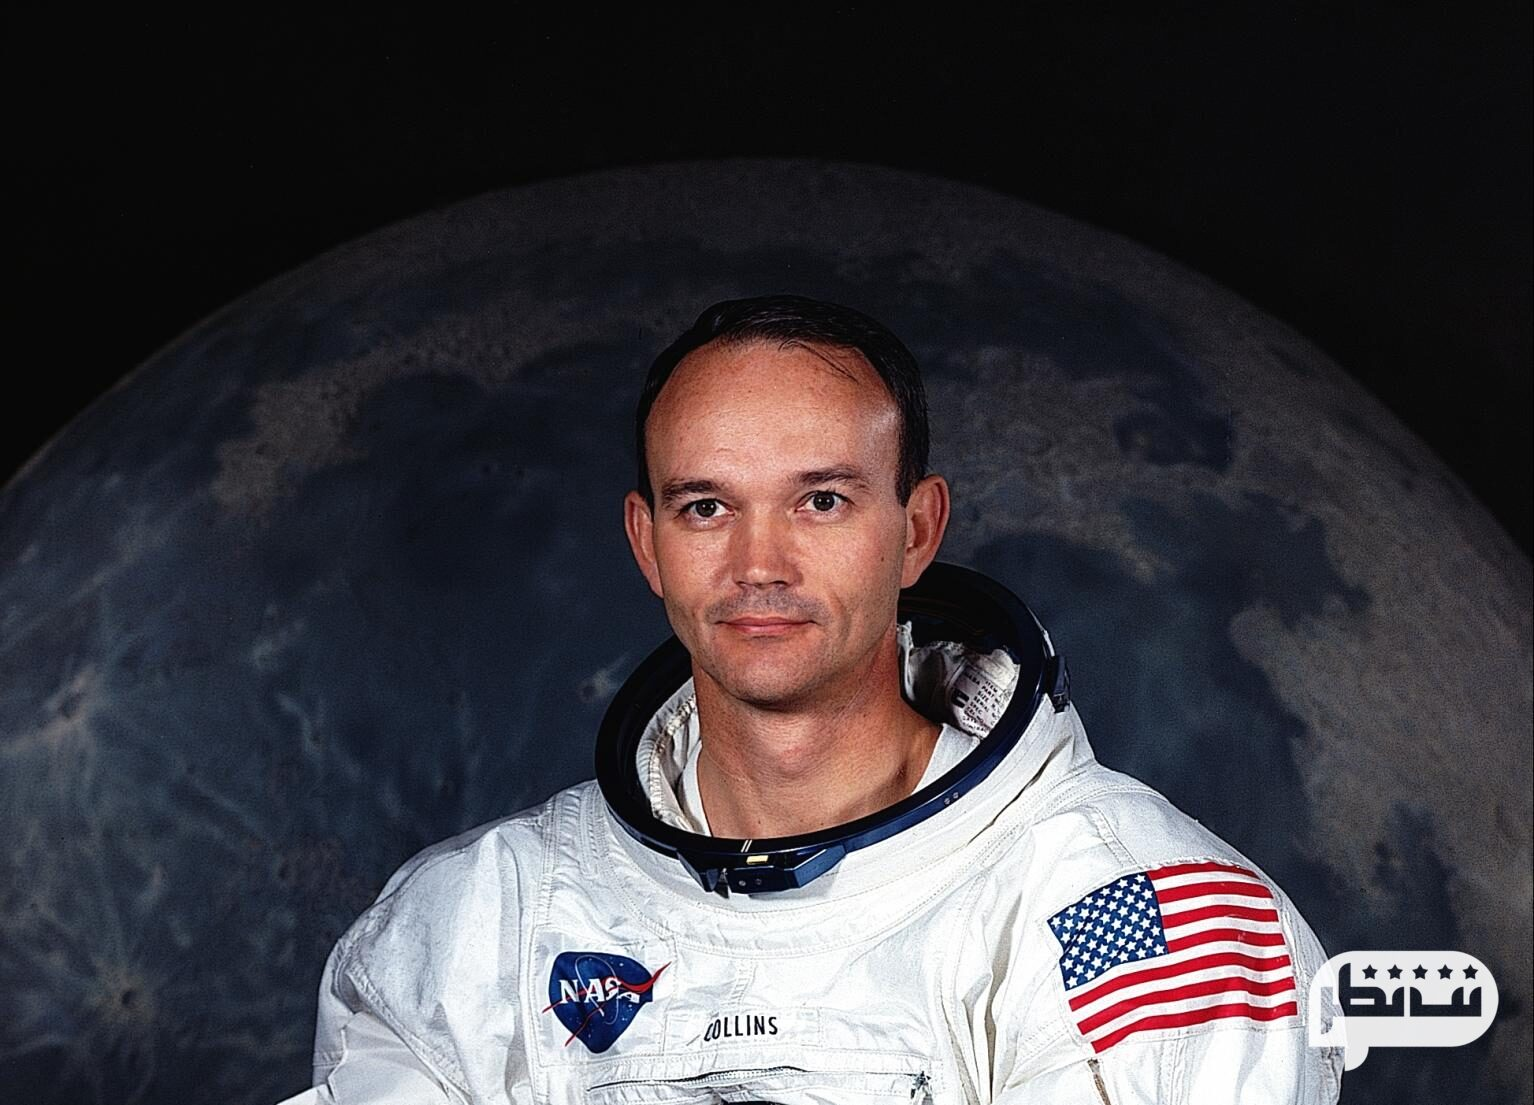 مایکل کولینز از فضانوردان معروف